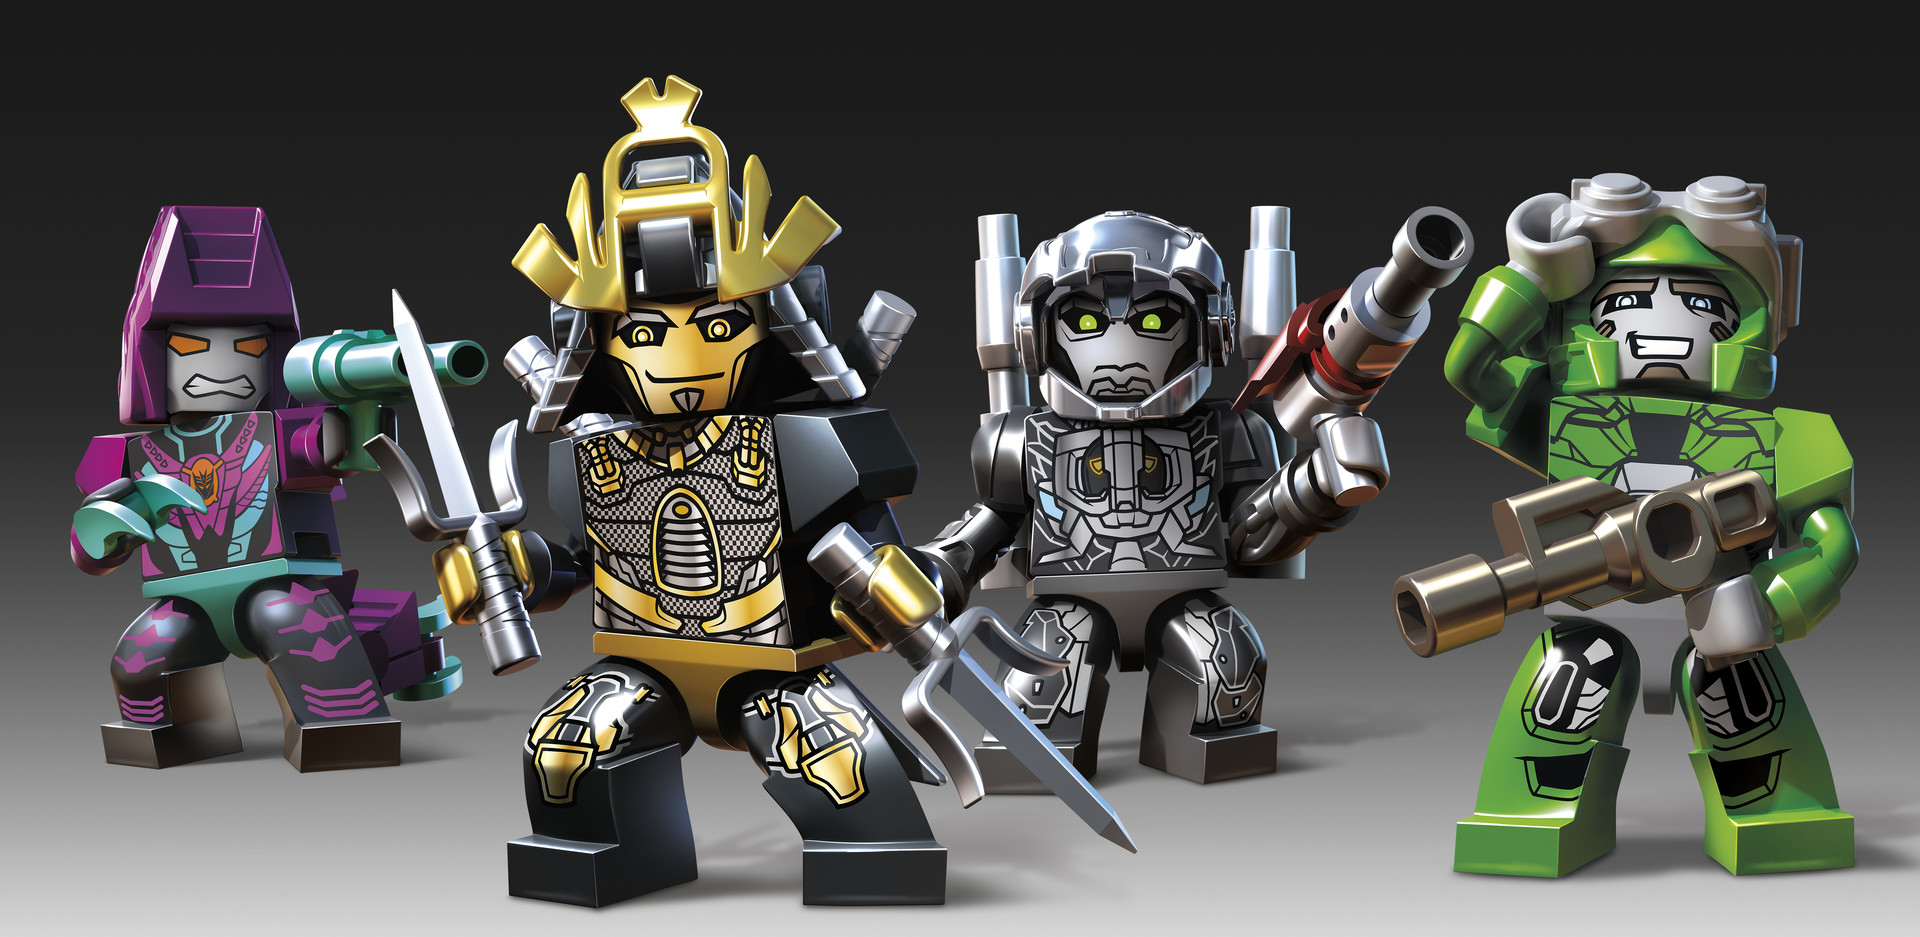 Designed helmets for the Transformer movie Kre-O line